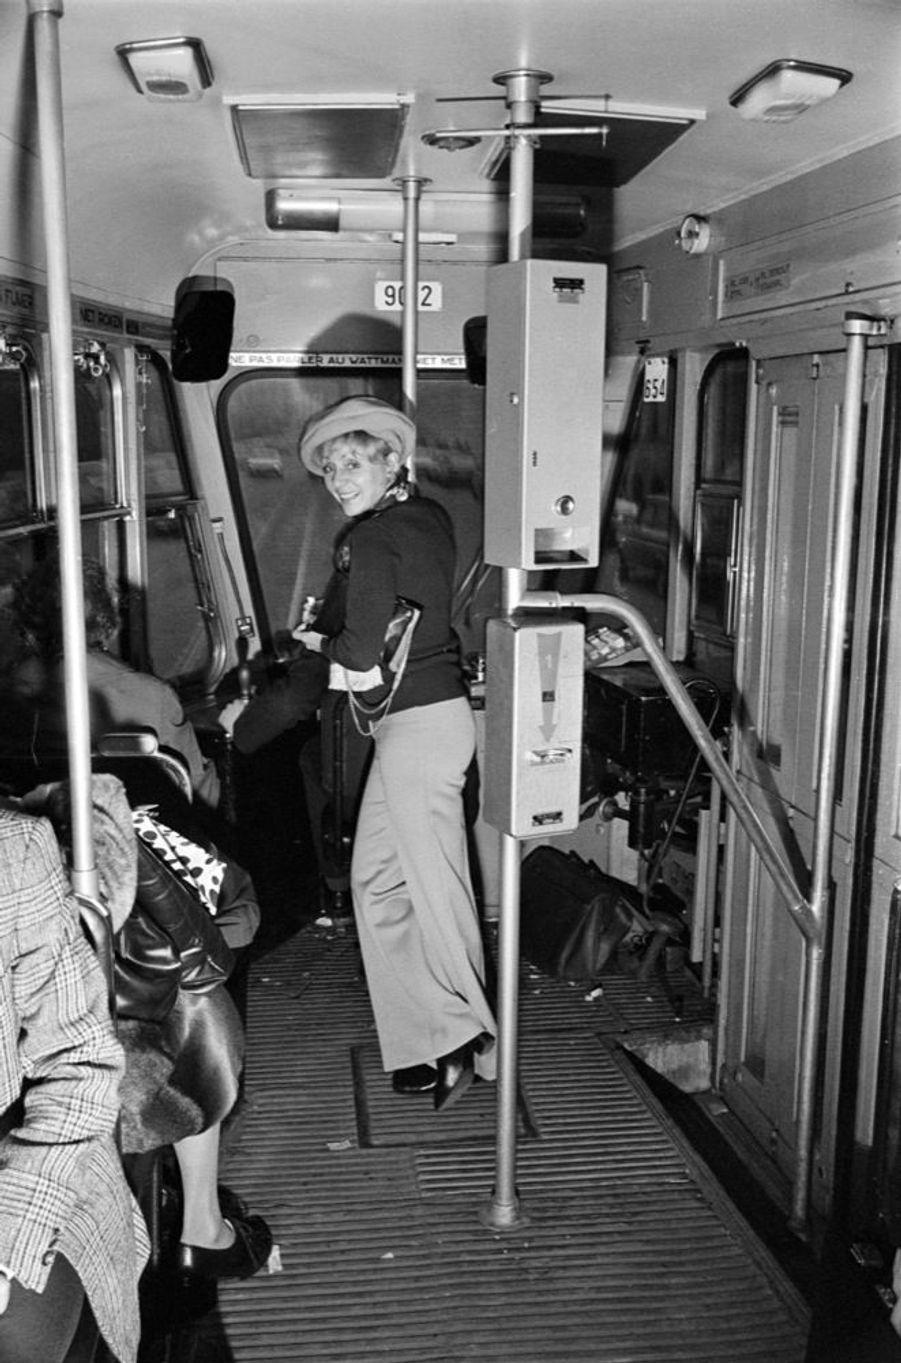 Annie Cordy en novembre 1973 dans le tram 94 de Bruxelles, celui qu'elle prenait quand elle était étudiante.